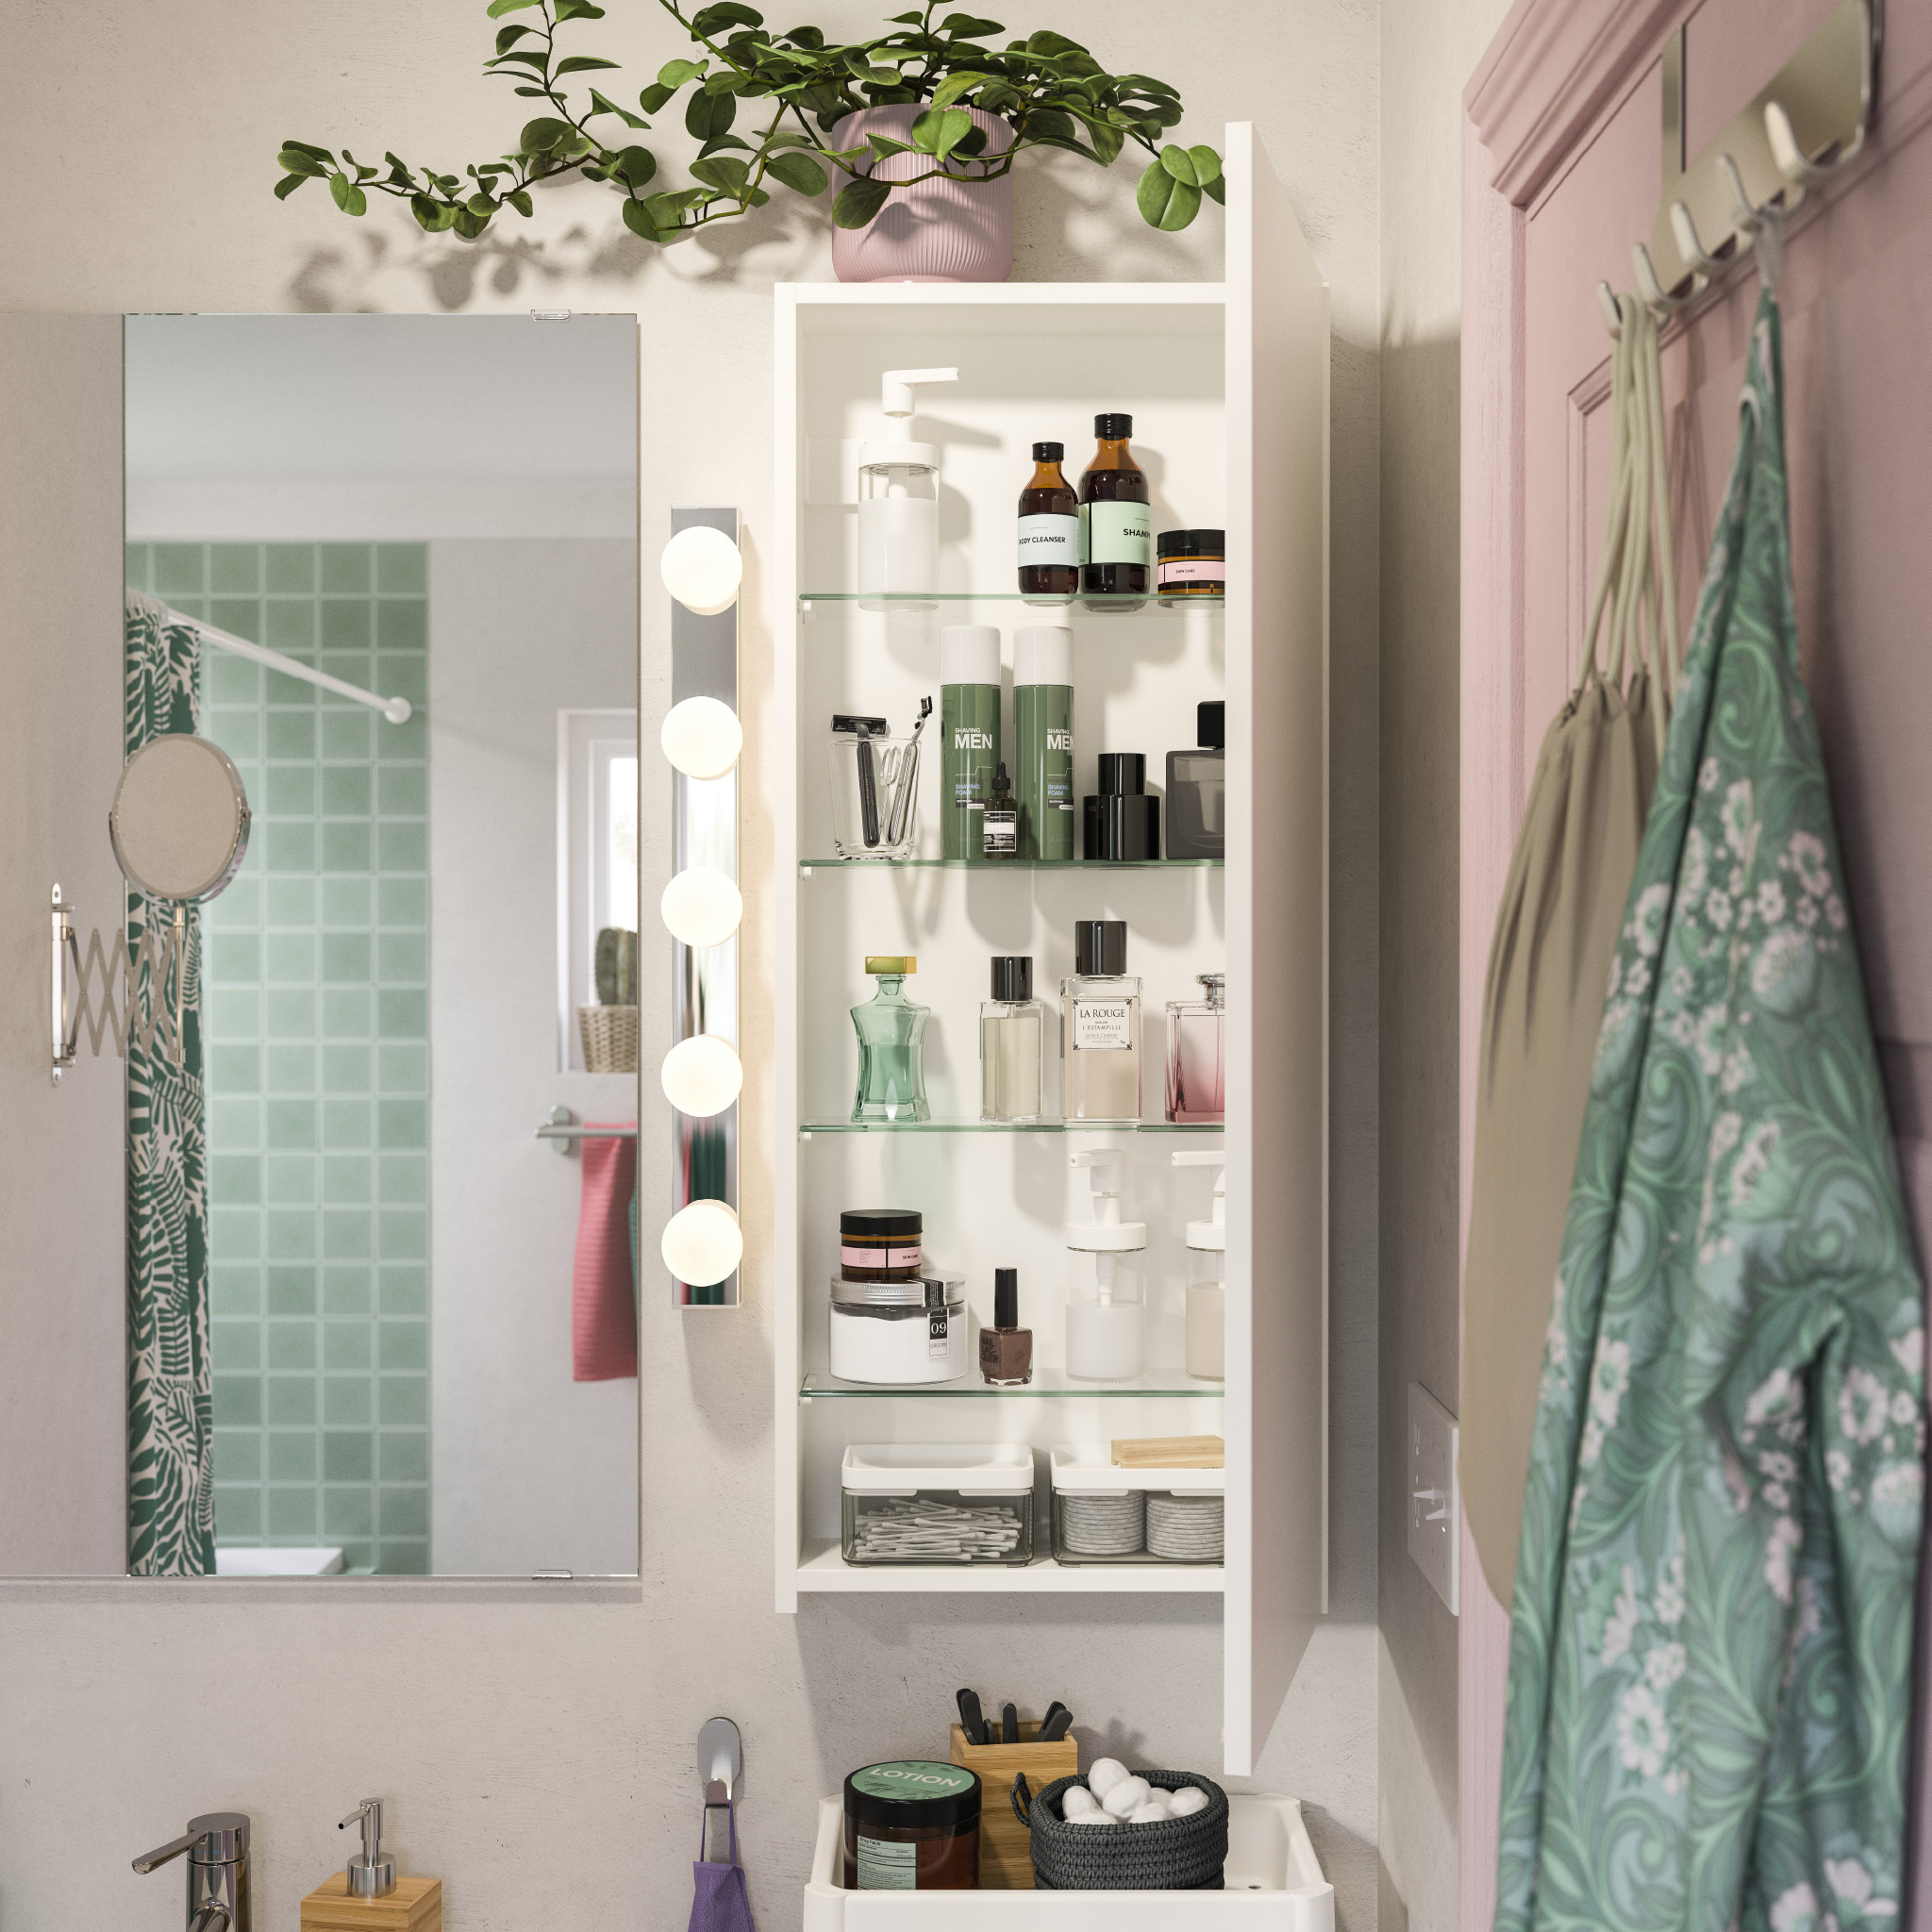 Kabinet dinding berdesain ramping dipasang di sebelah cermin. Pintunya terbuka dan parfum, krim wajah dan produk lainnya berada di atas rak.